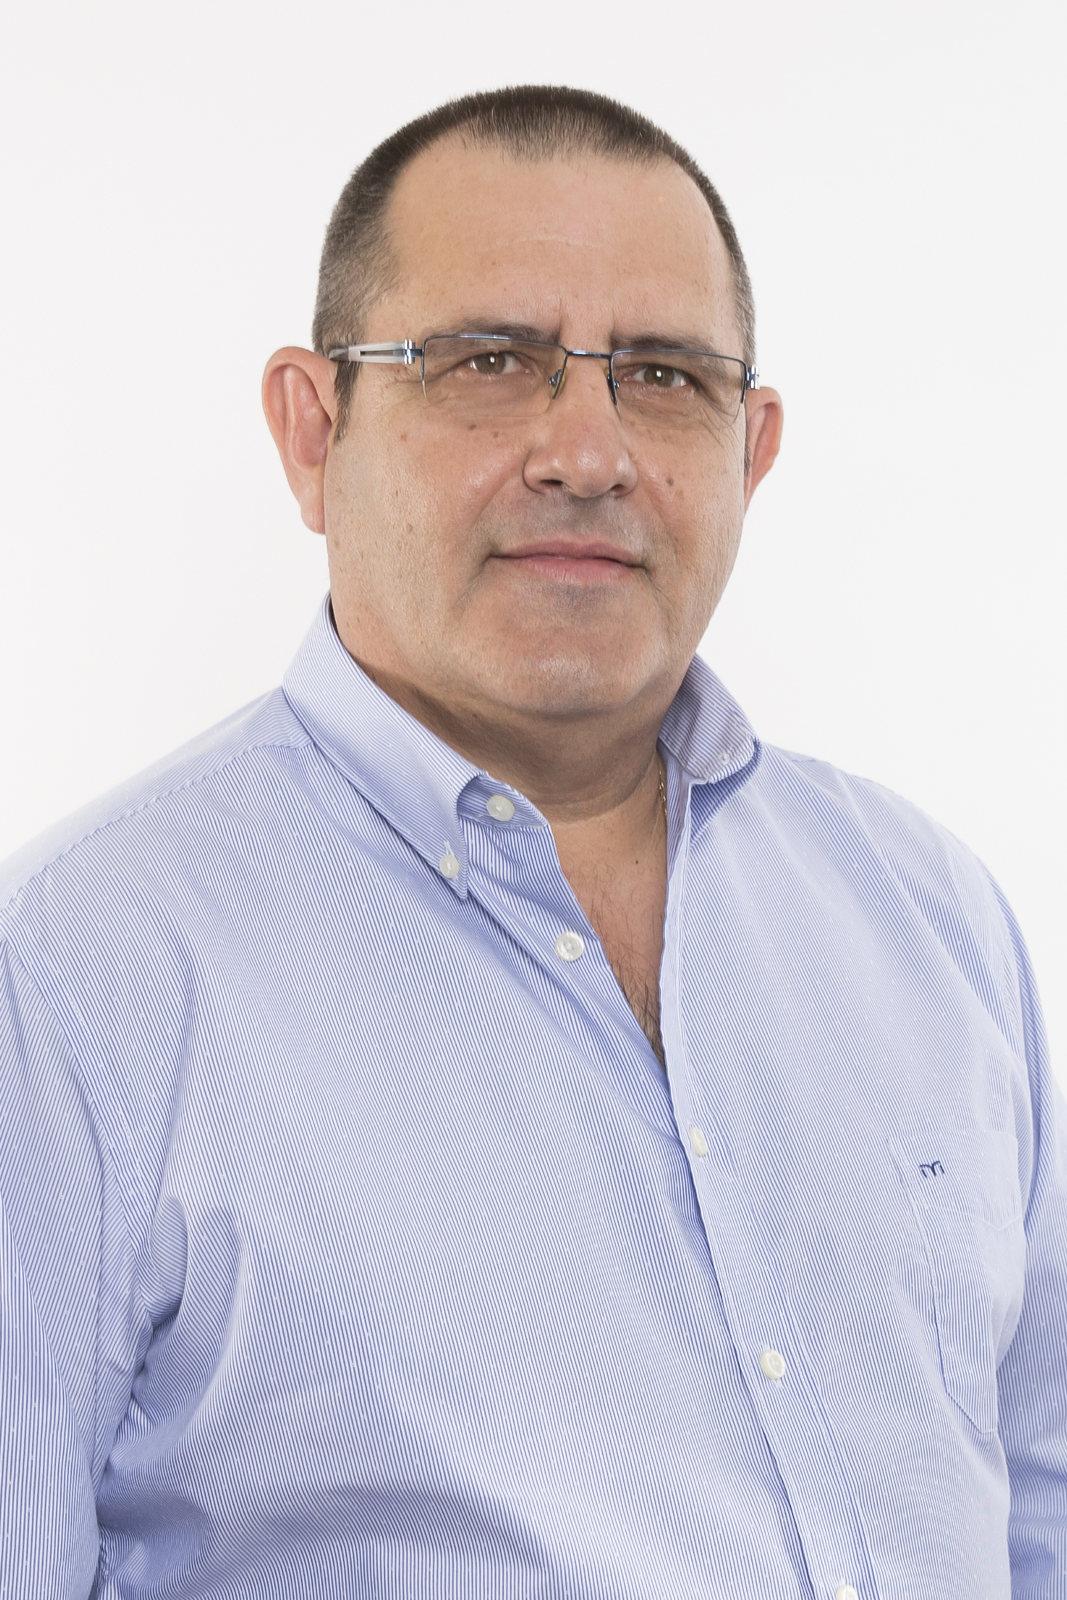 Francisco Alarcón González